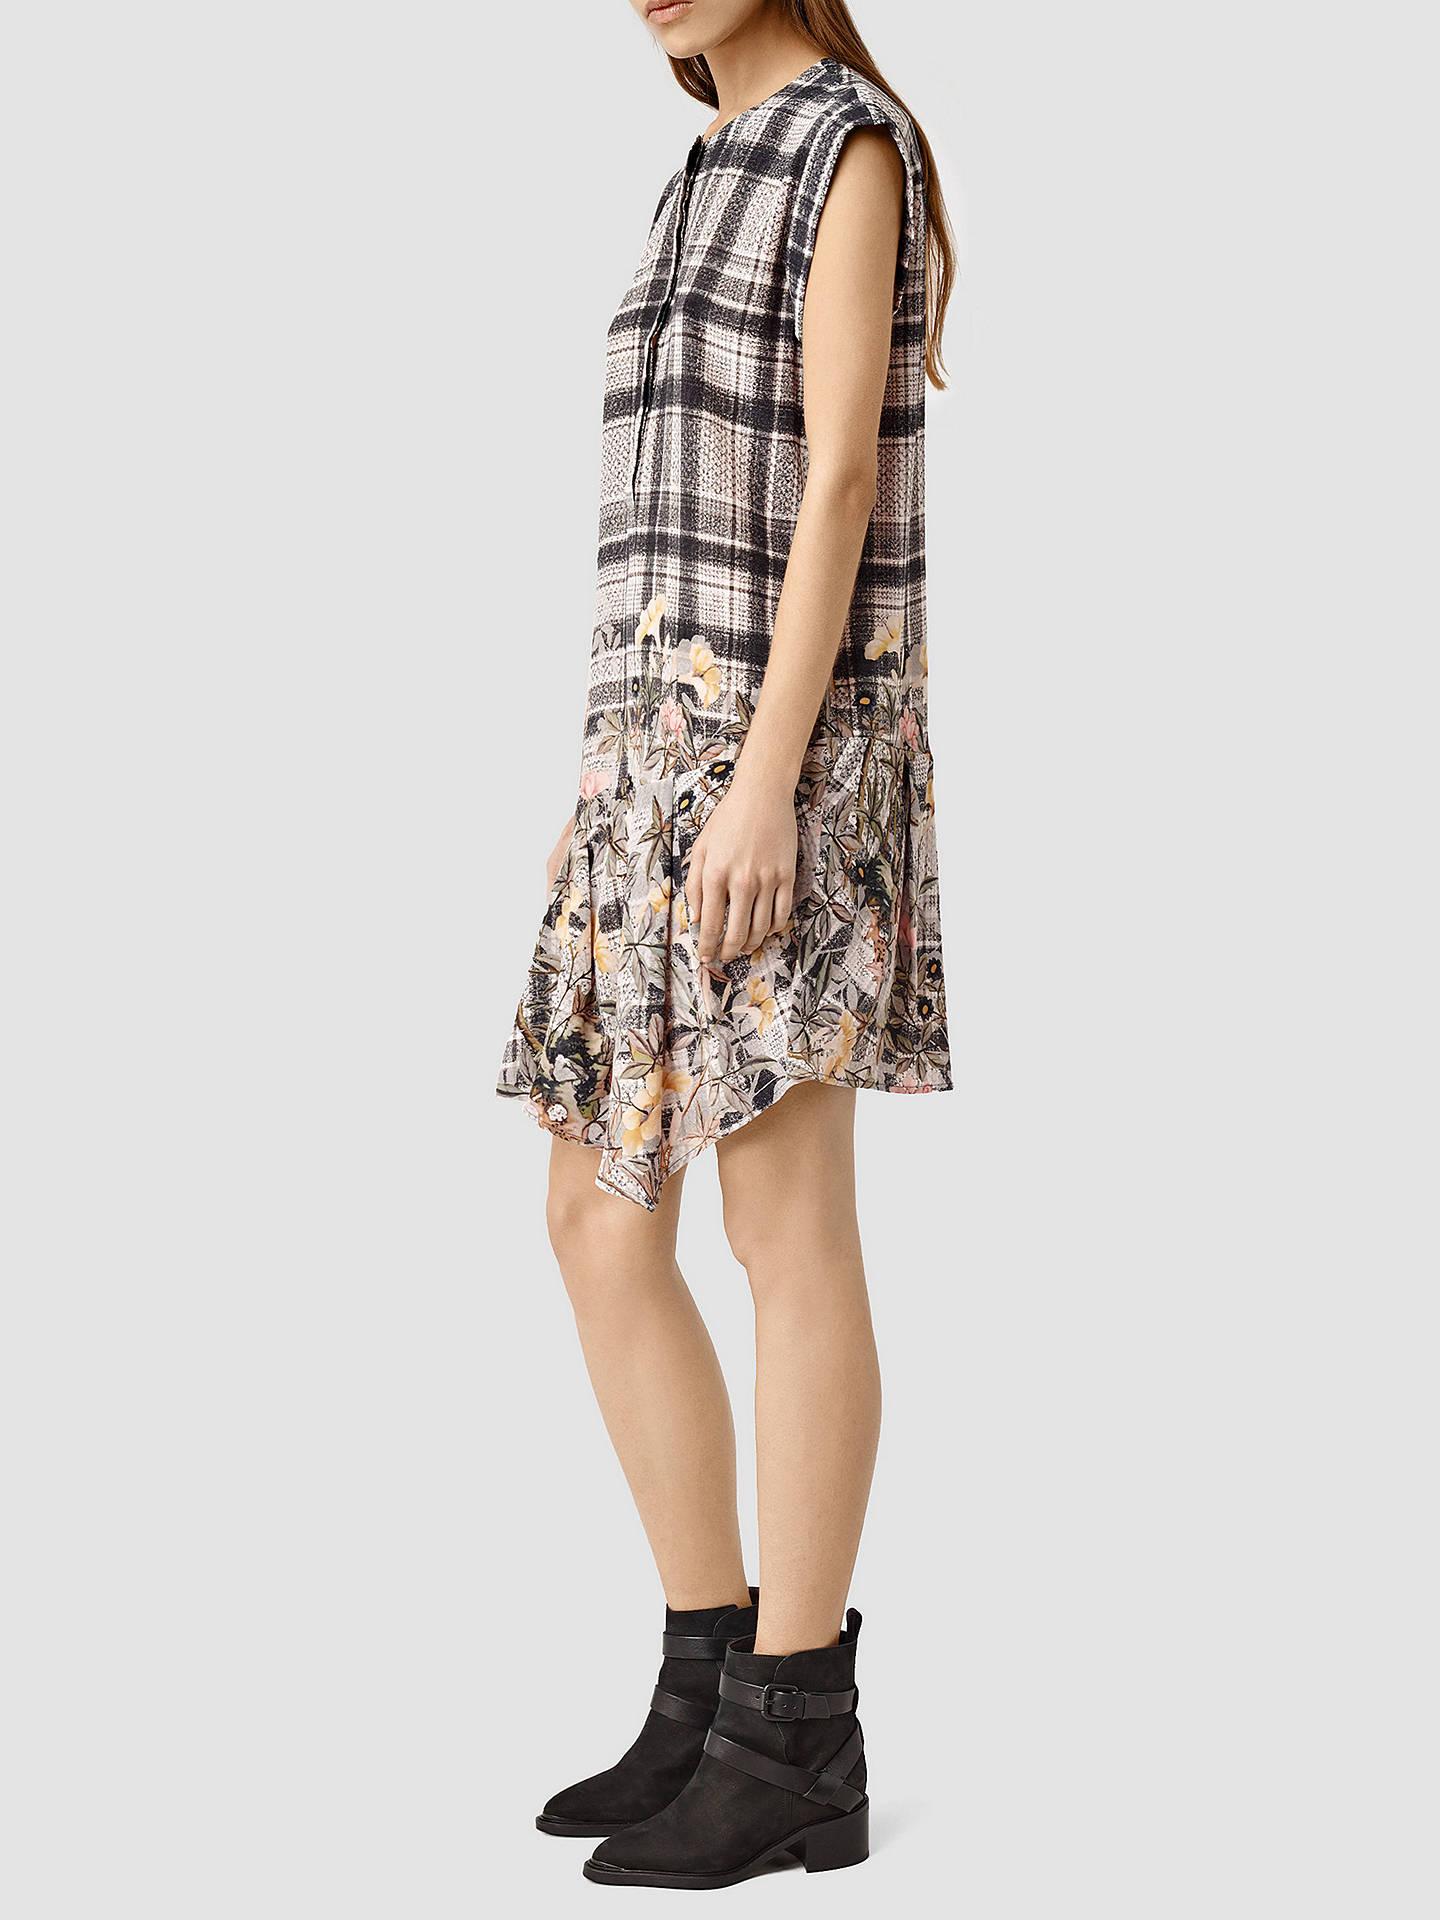 AllSaints Roka Dress at John Lewis